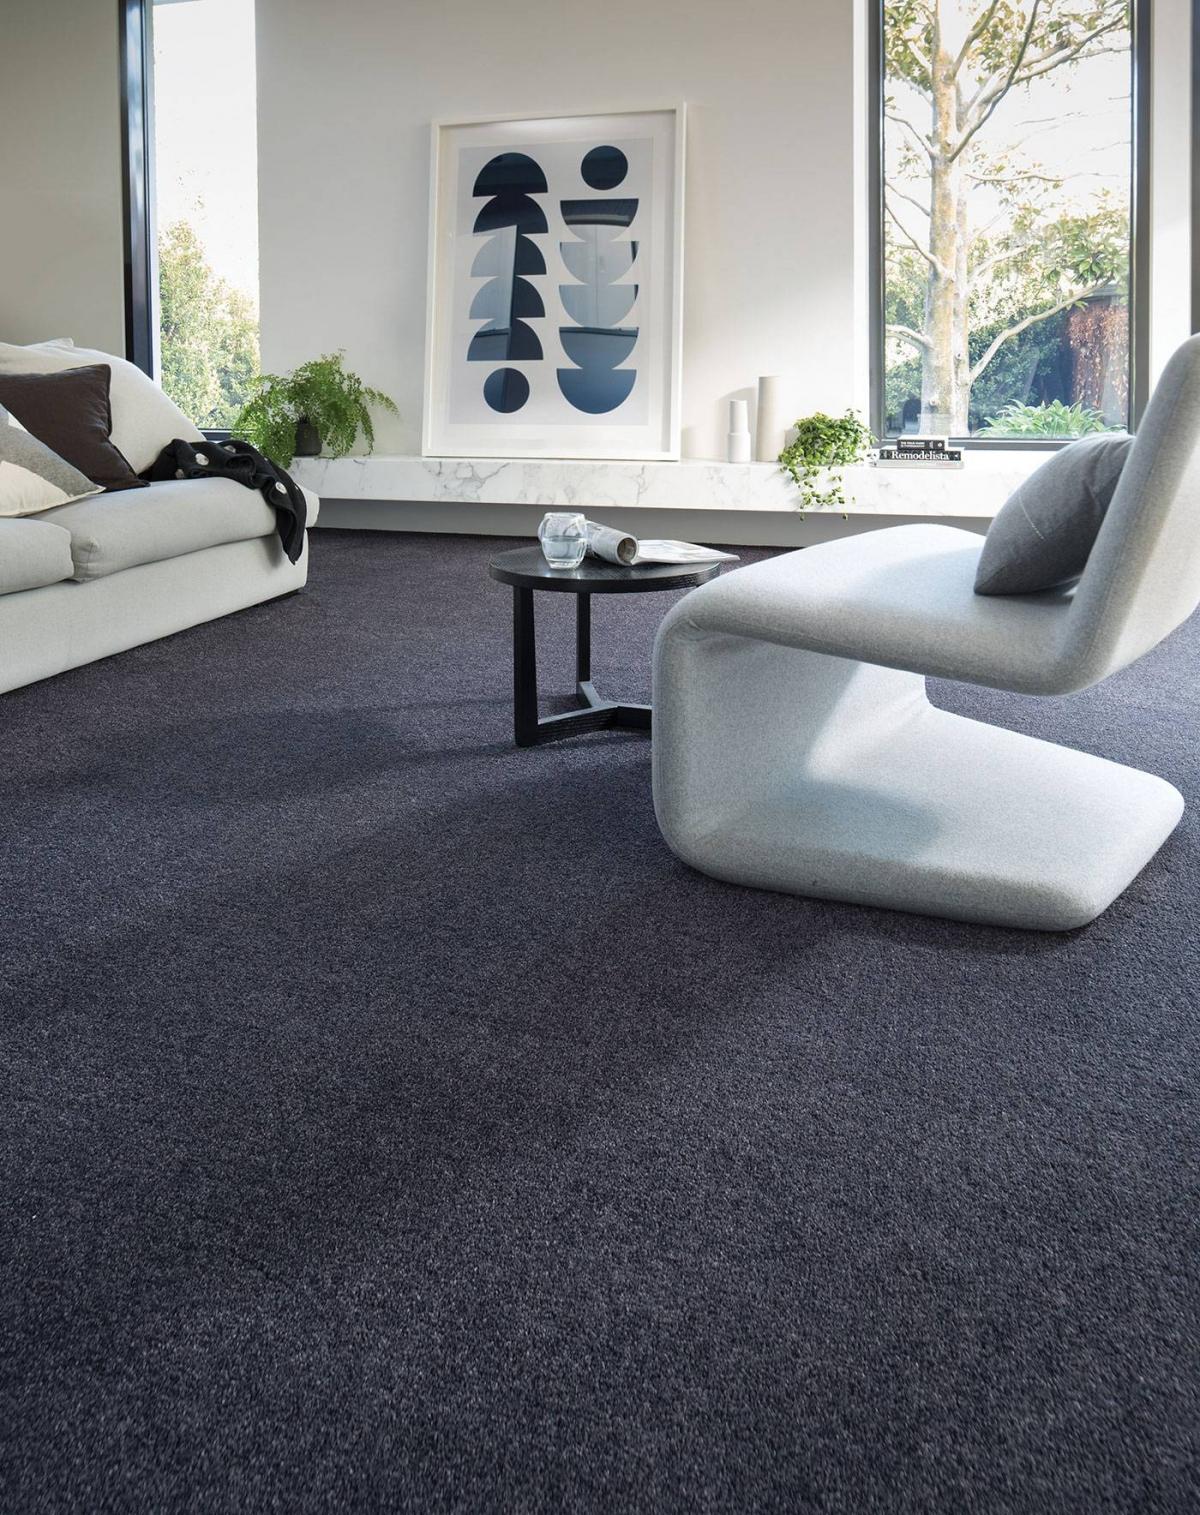 Sẽ rất cần một tấm thảm ở văn phòng, nơi làm việc bởi nó sẽ góp phần cách âm từ đó giữ được yên tĩnh, tăng khả năng tập trung trong công việc.